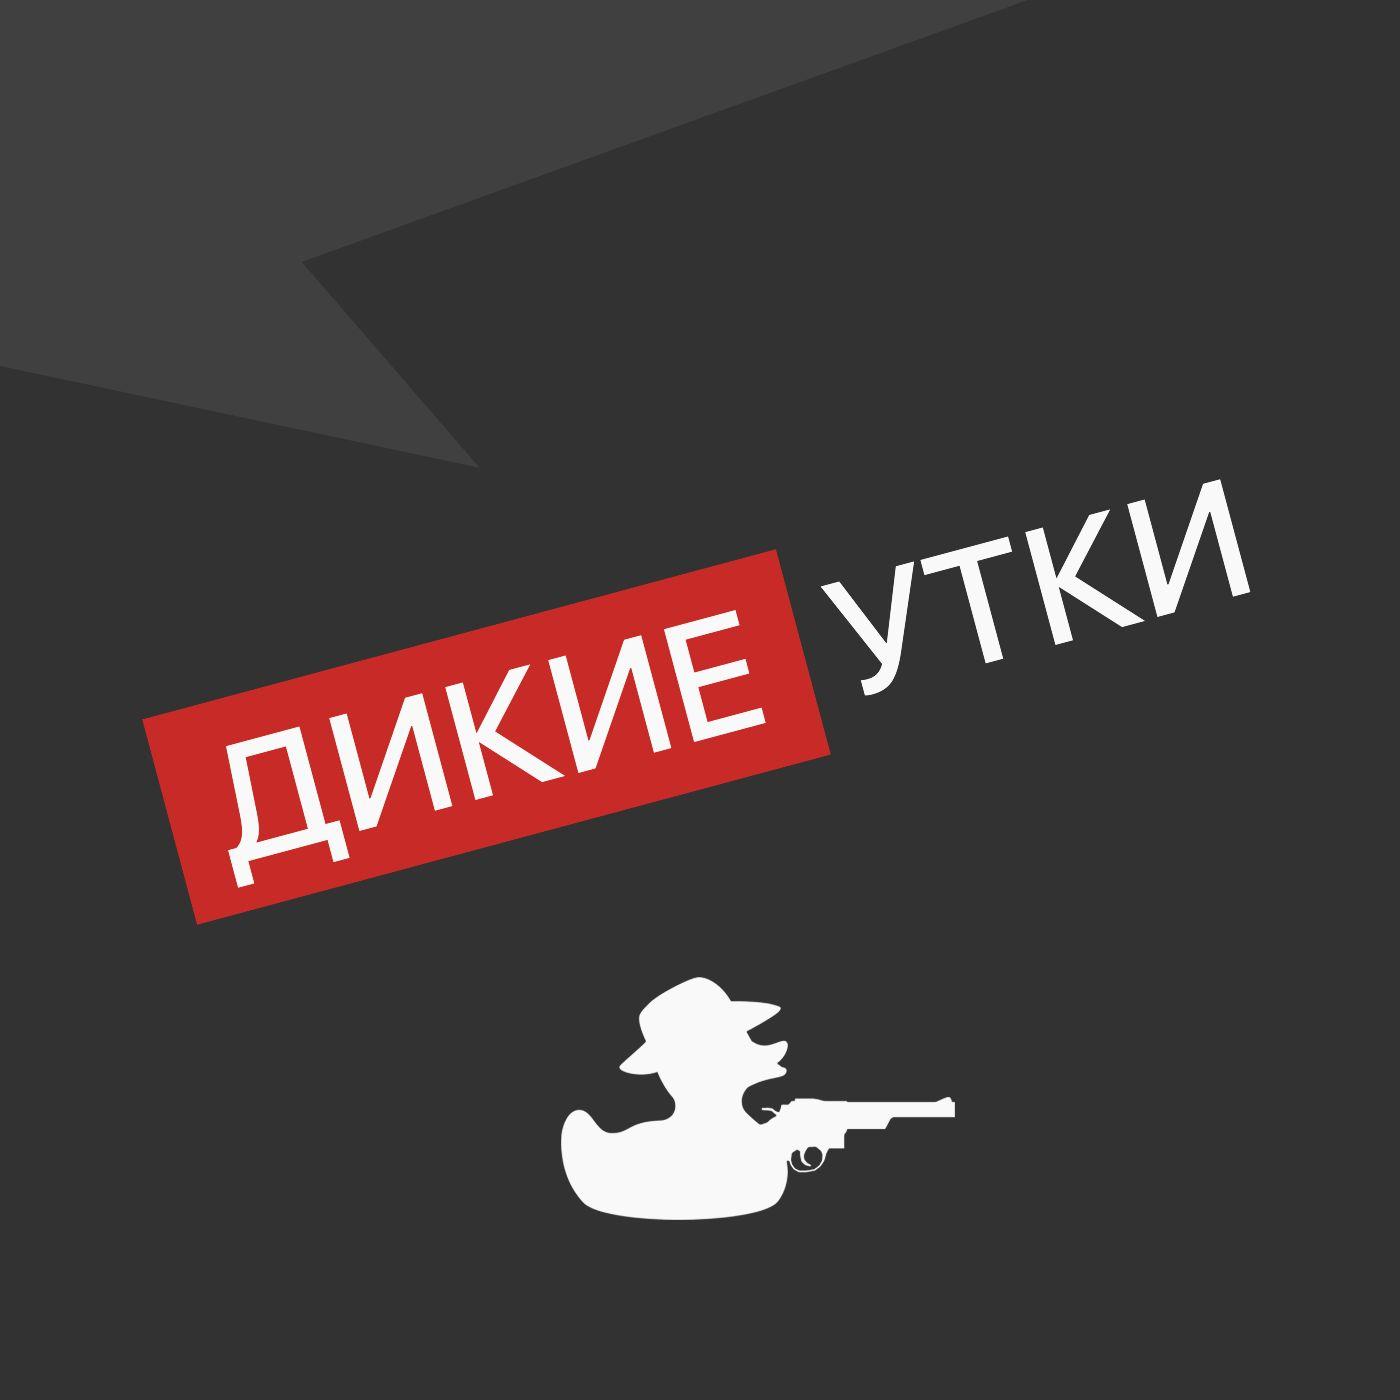 Творческий коллектив Mojomedia Выпуск № 56 творческий коллектив mojomedia владелец квесткомнаты